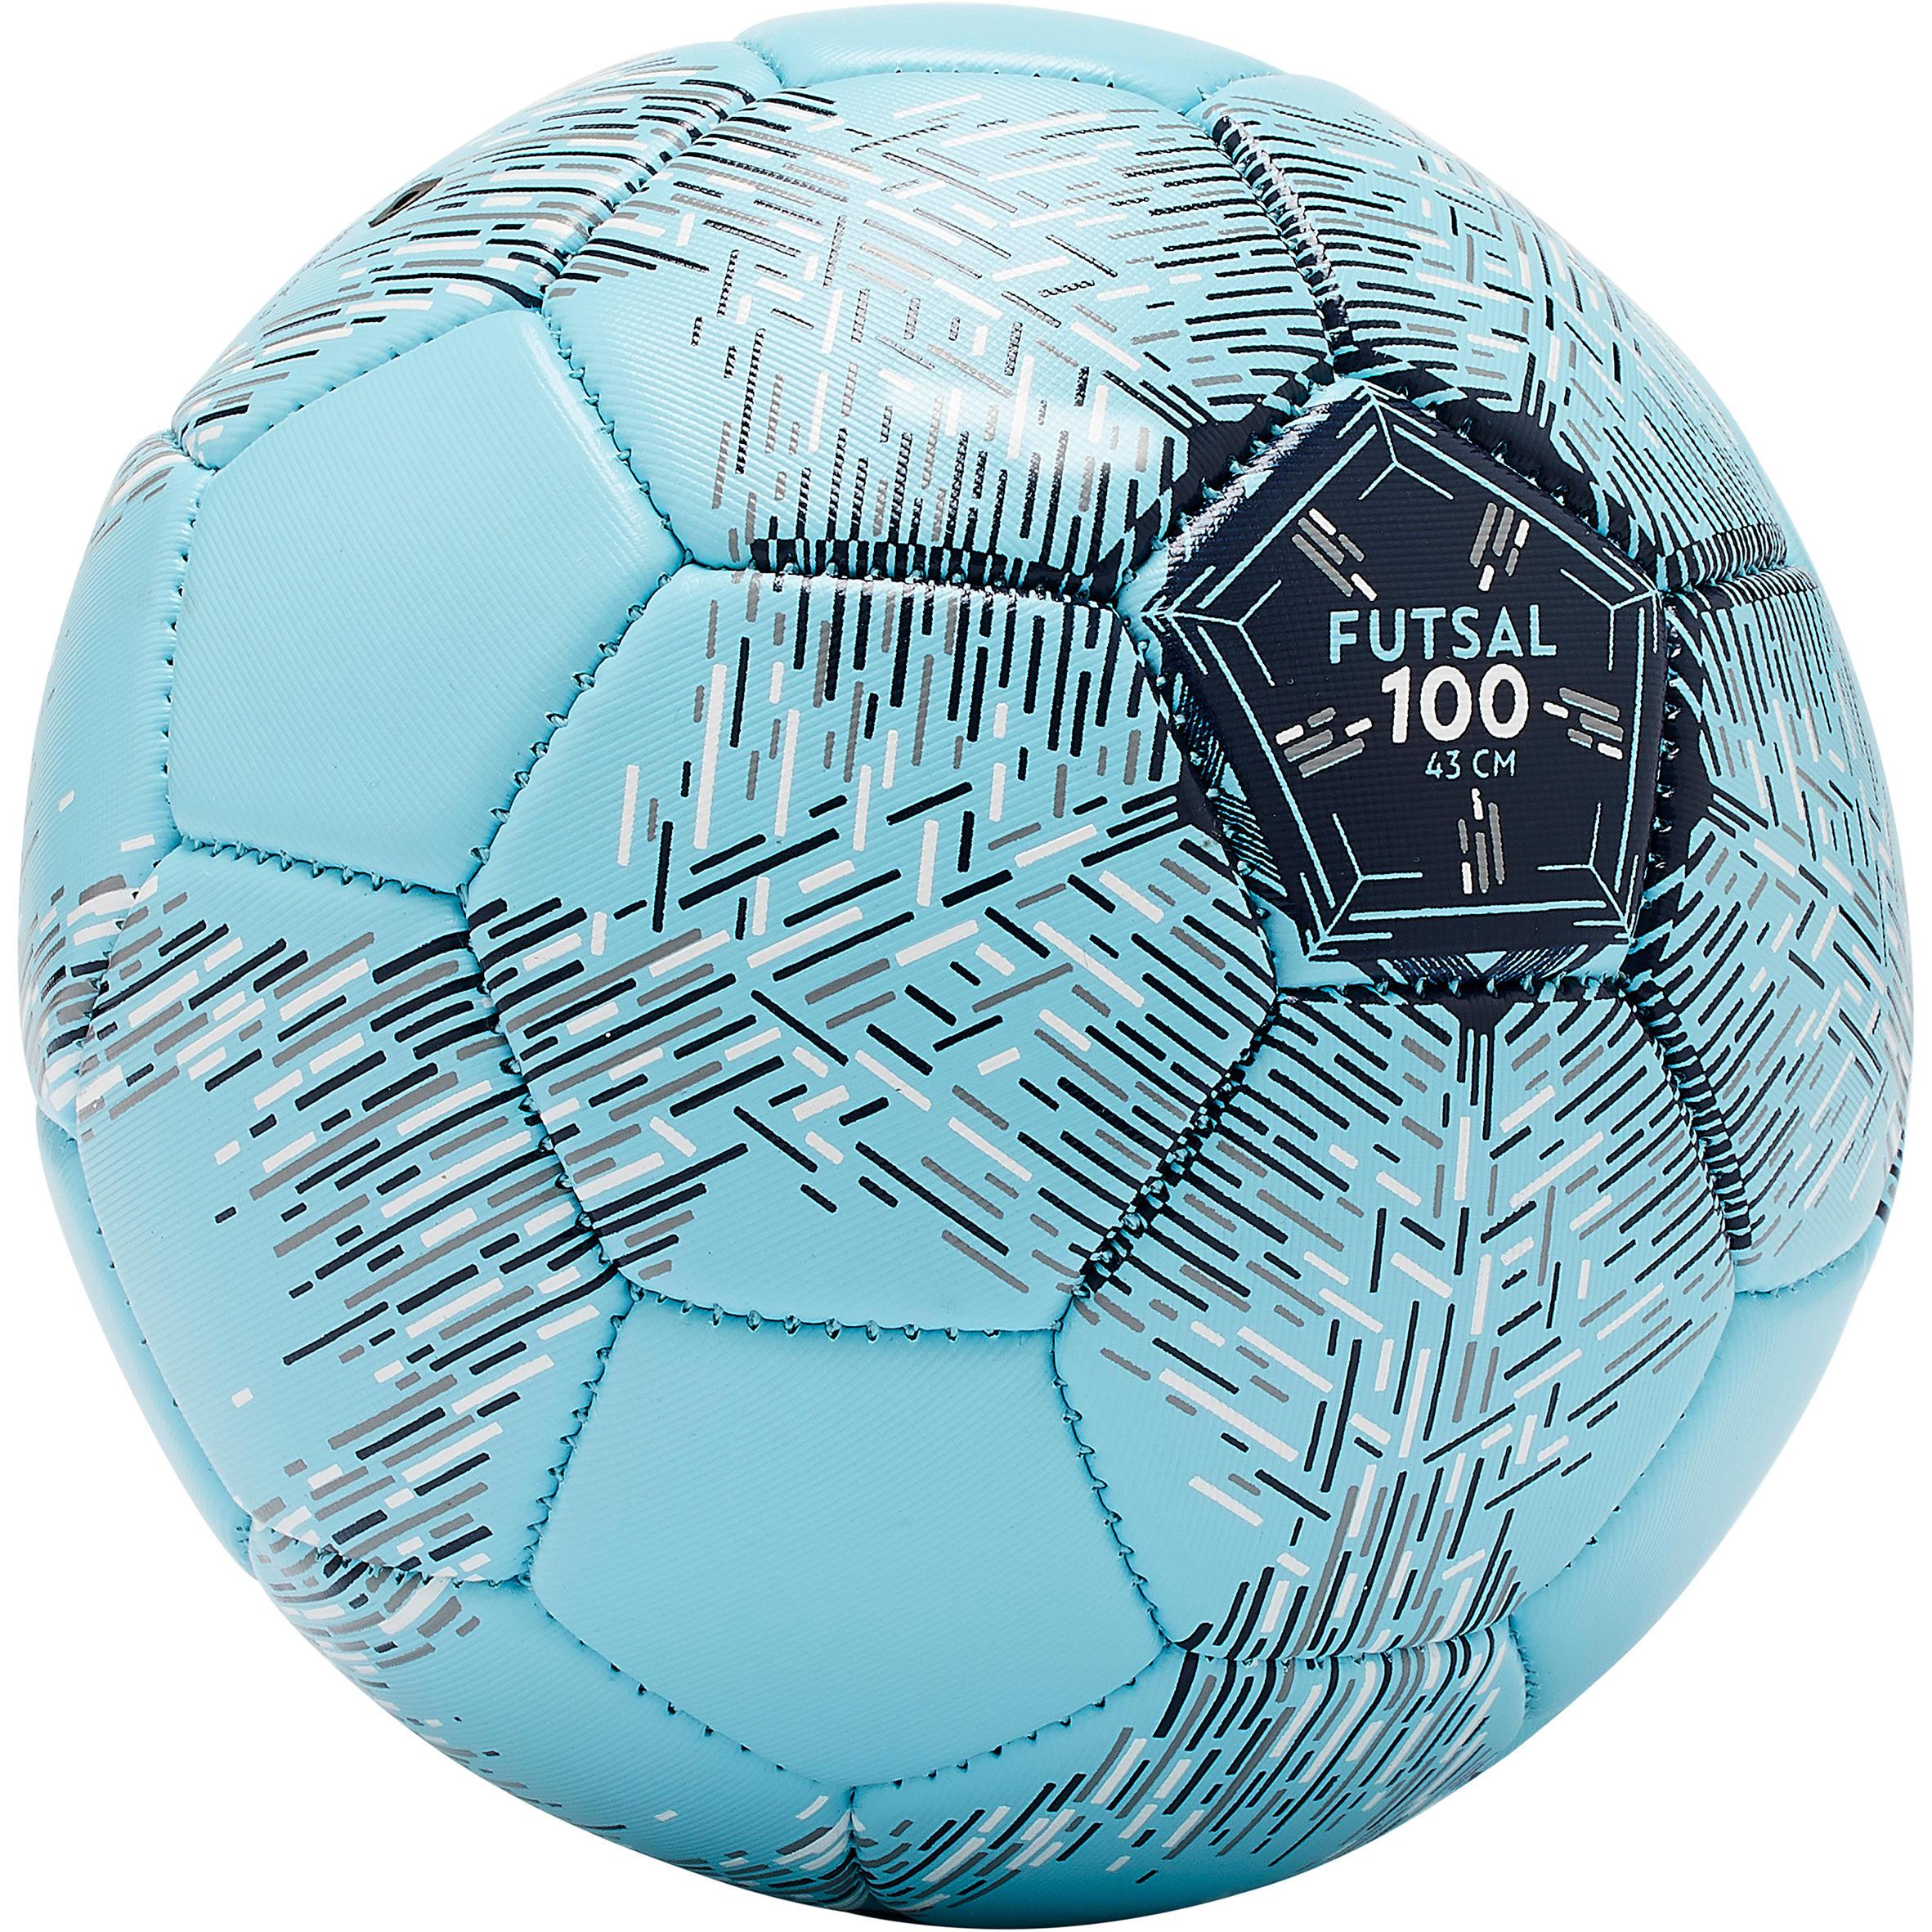 Minge Futsal FS100 43 cm M1